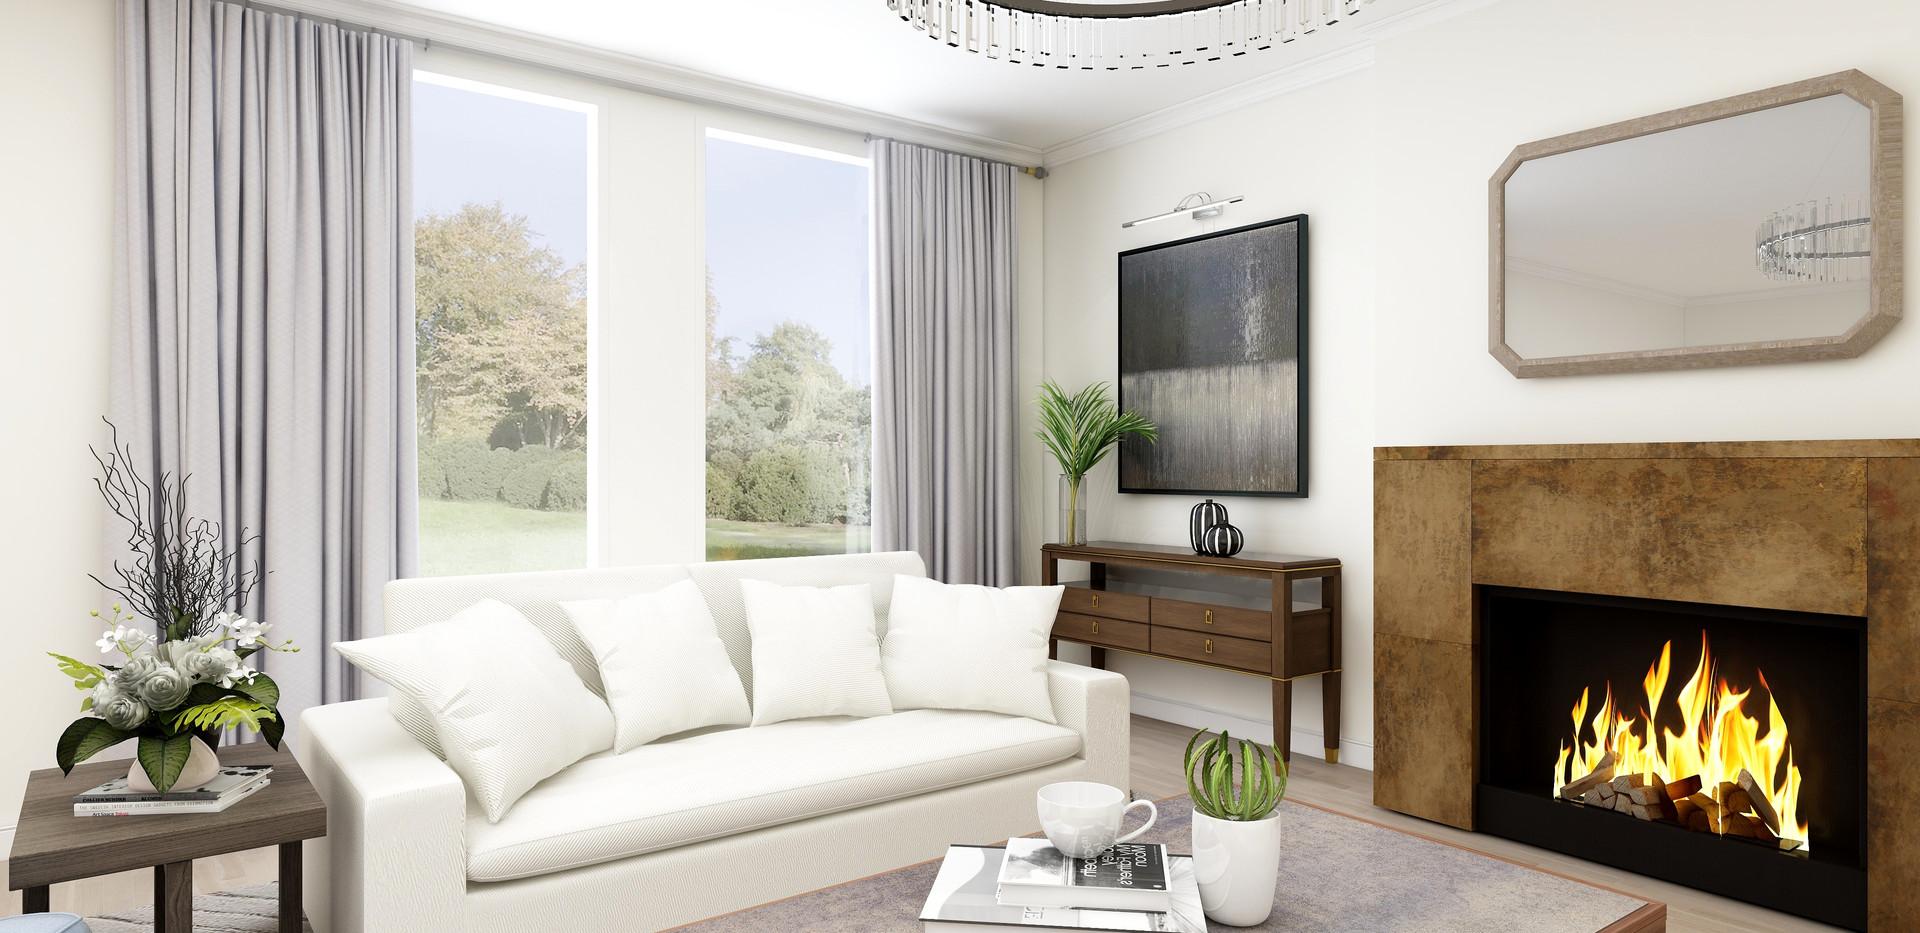 Cloud sofa Render